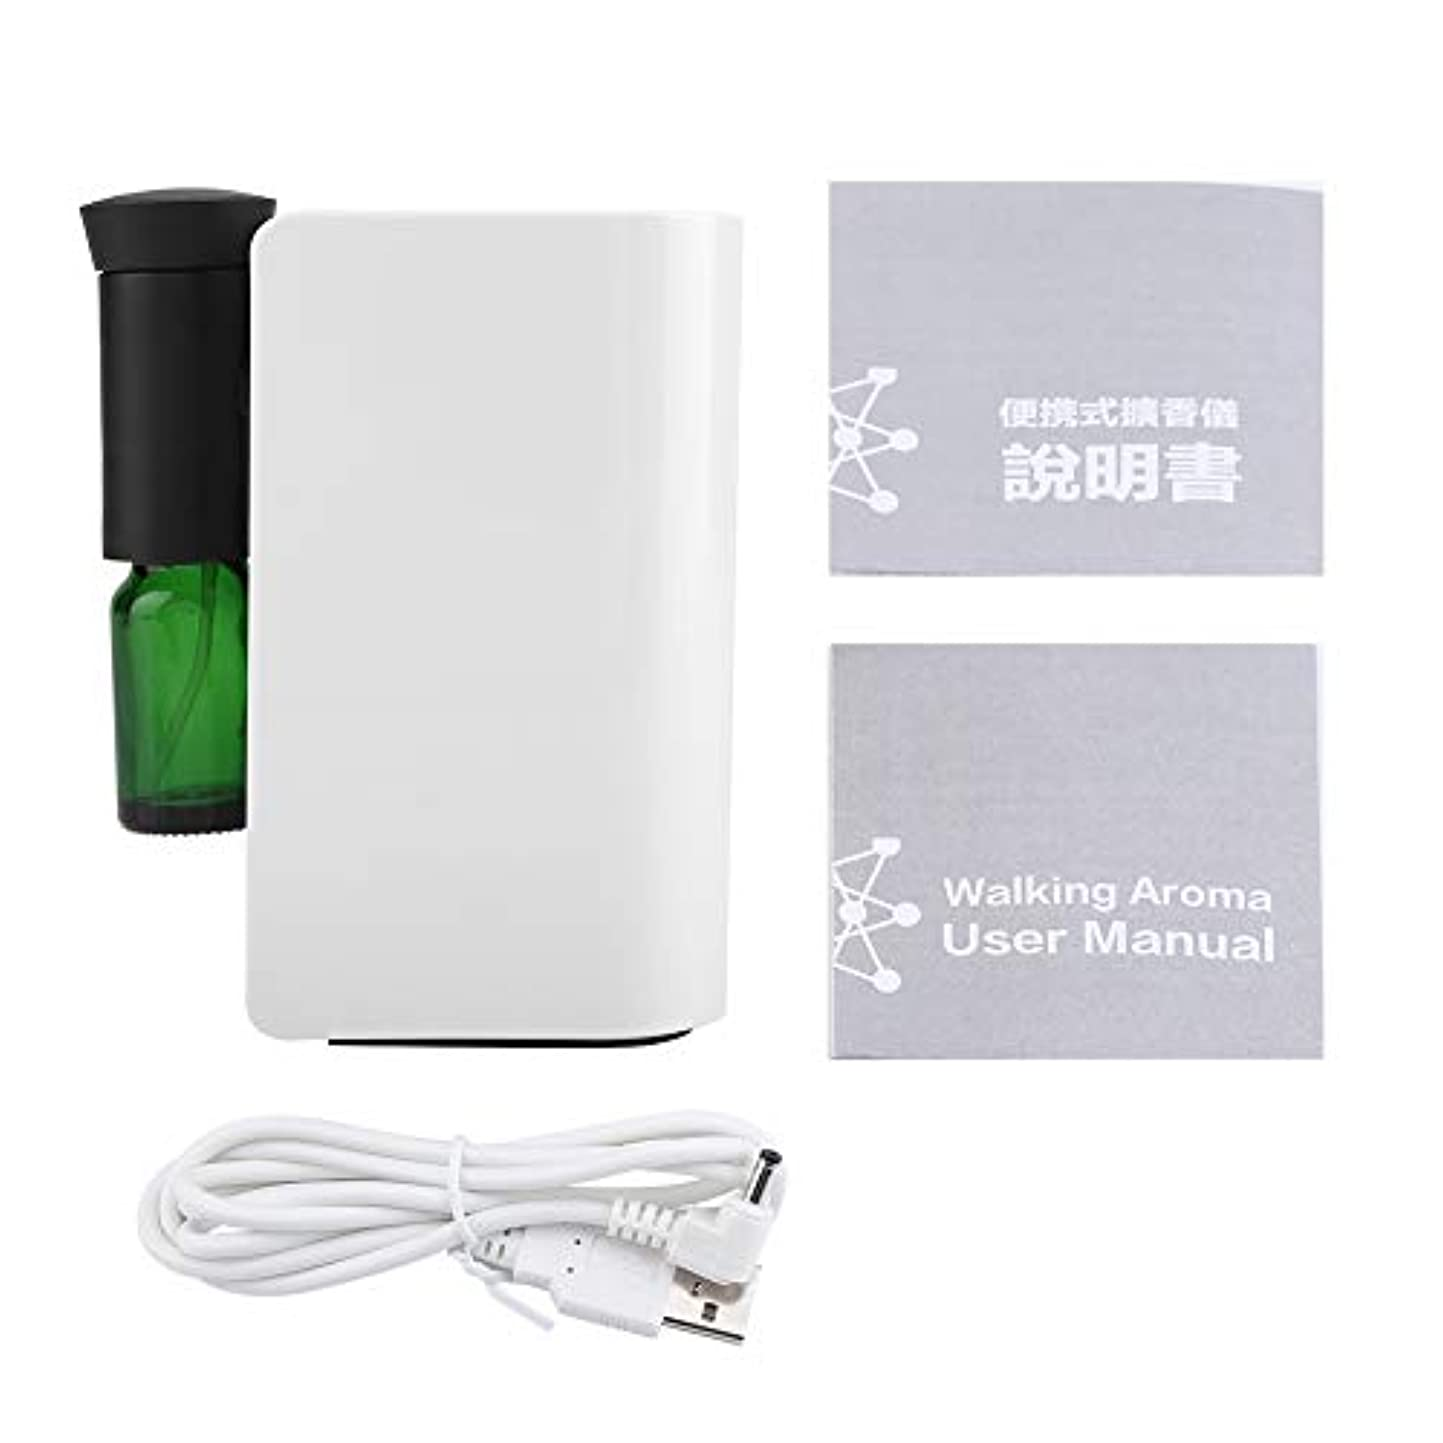 ジュニア交換可能連隊アロマディフューザー usb充電式 100ml 精油 エッセンシャルオイル用 自動アロマディスペンサー用 部屋 オフィス(ホワイト)